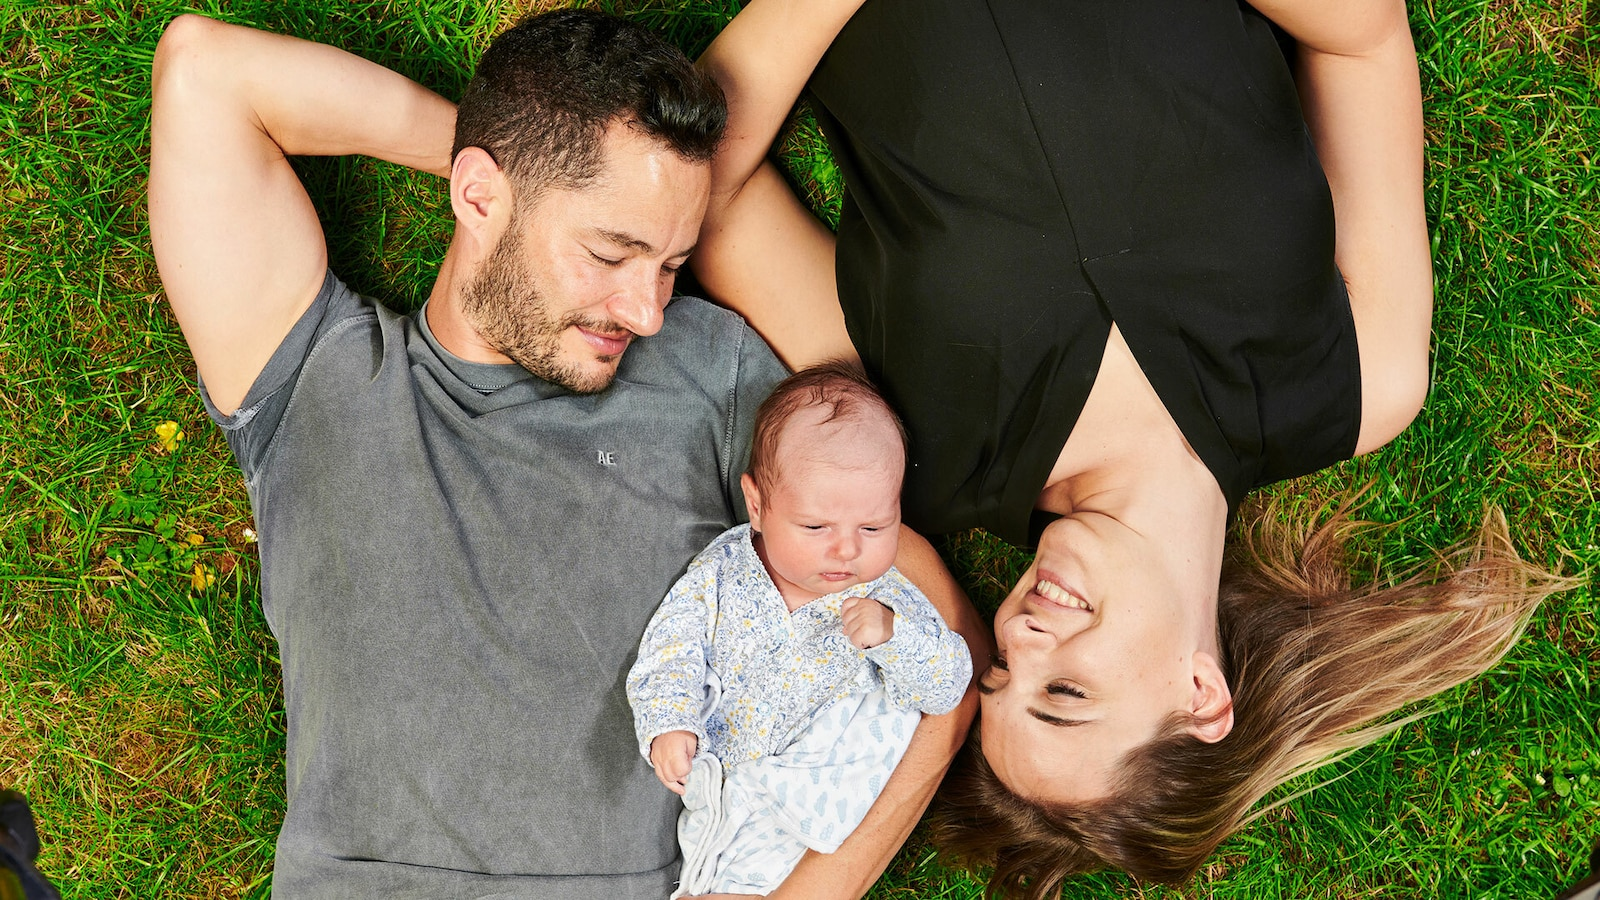 Meidän vauvamme: moderni ihme